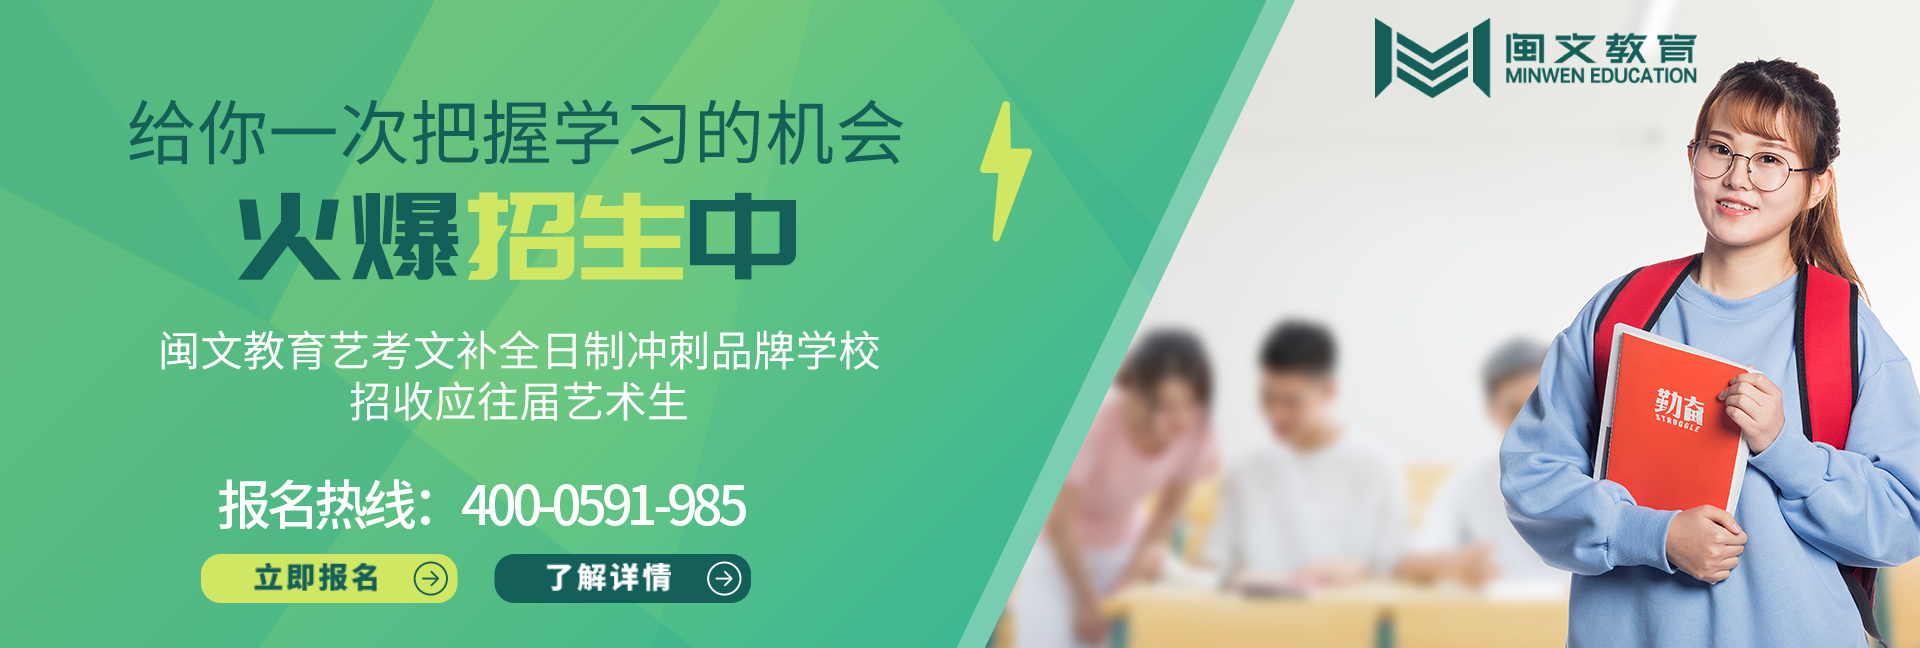 闽文教育艺考文化课培训